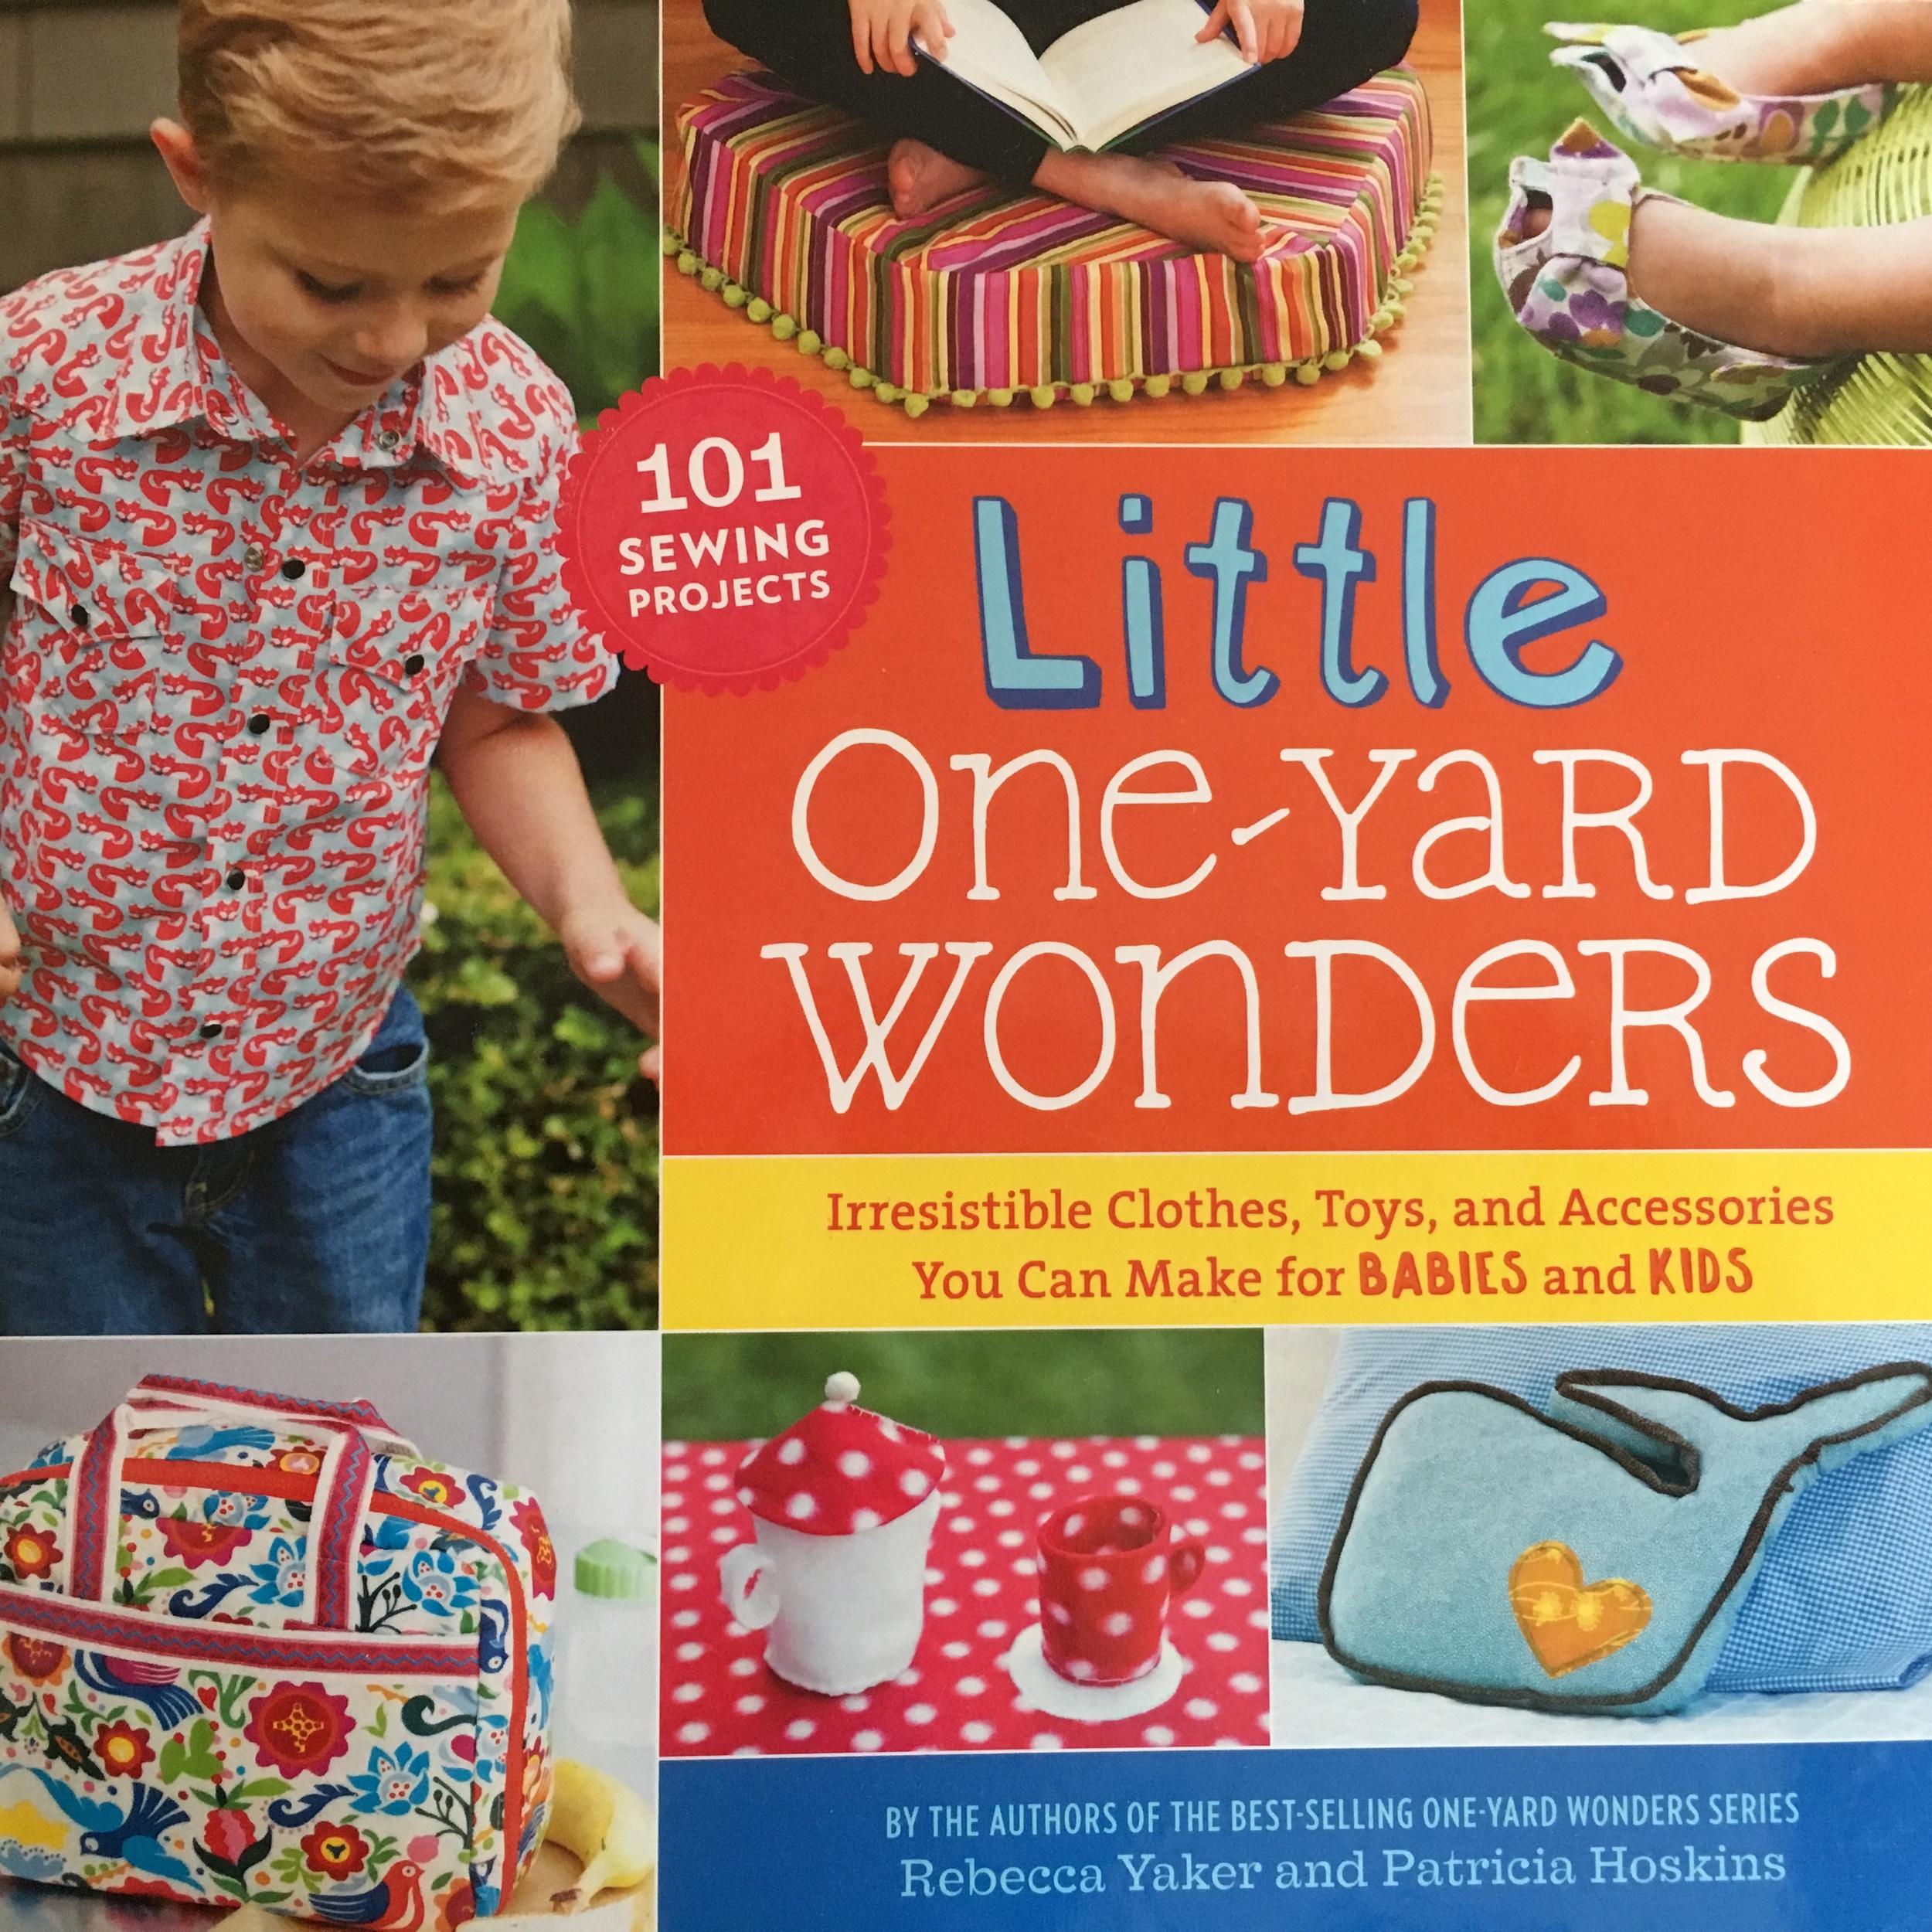 Book Little 1 yd Wonders.jpg